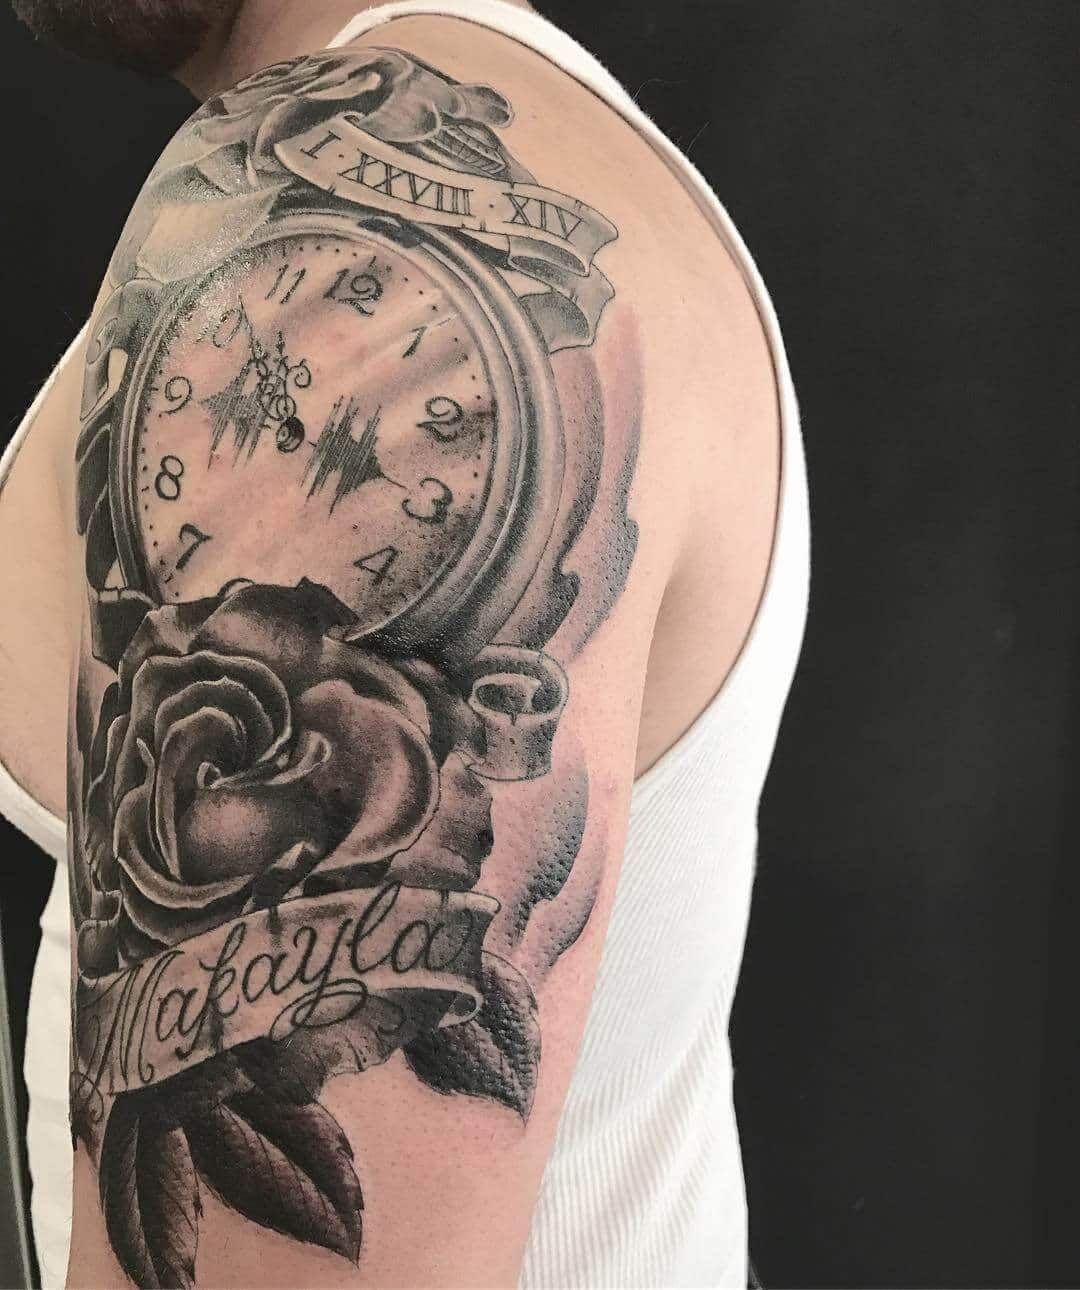 Tattoo Ideas Rip: Tatuajes De Nombres